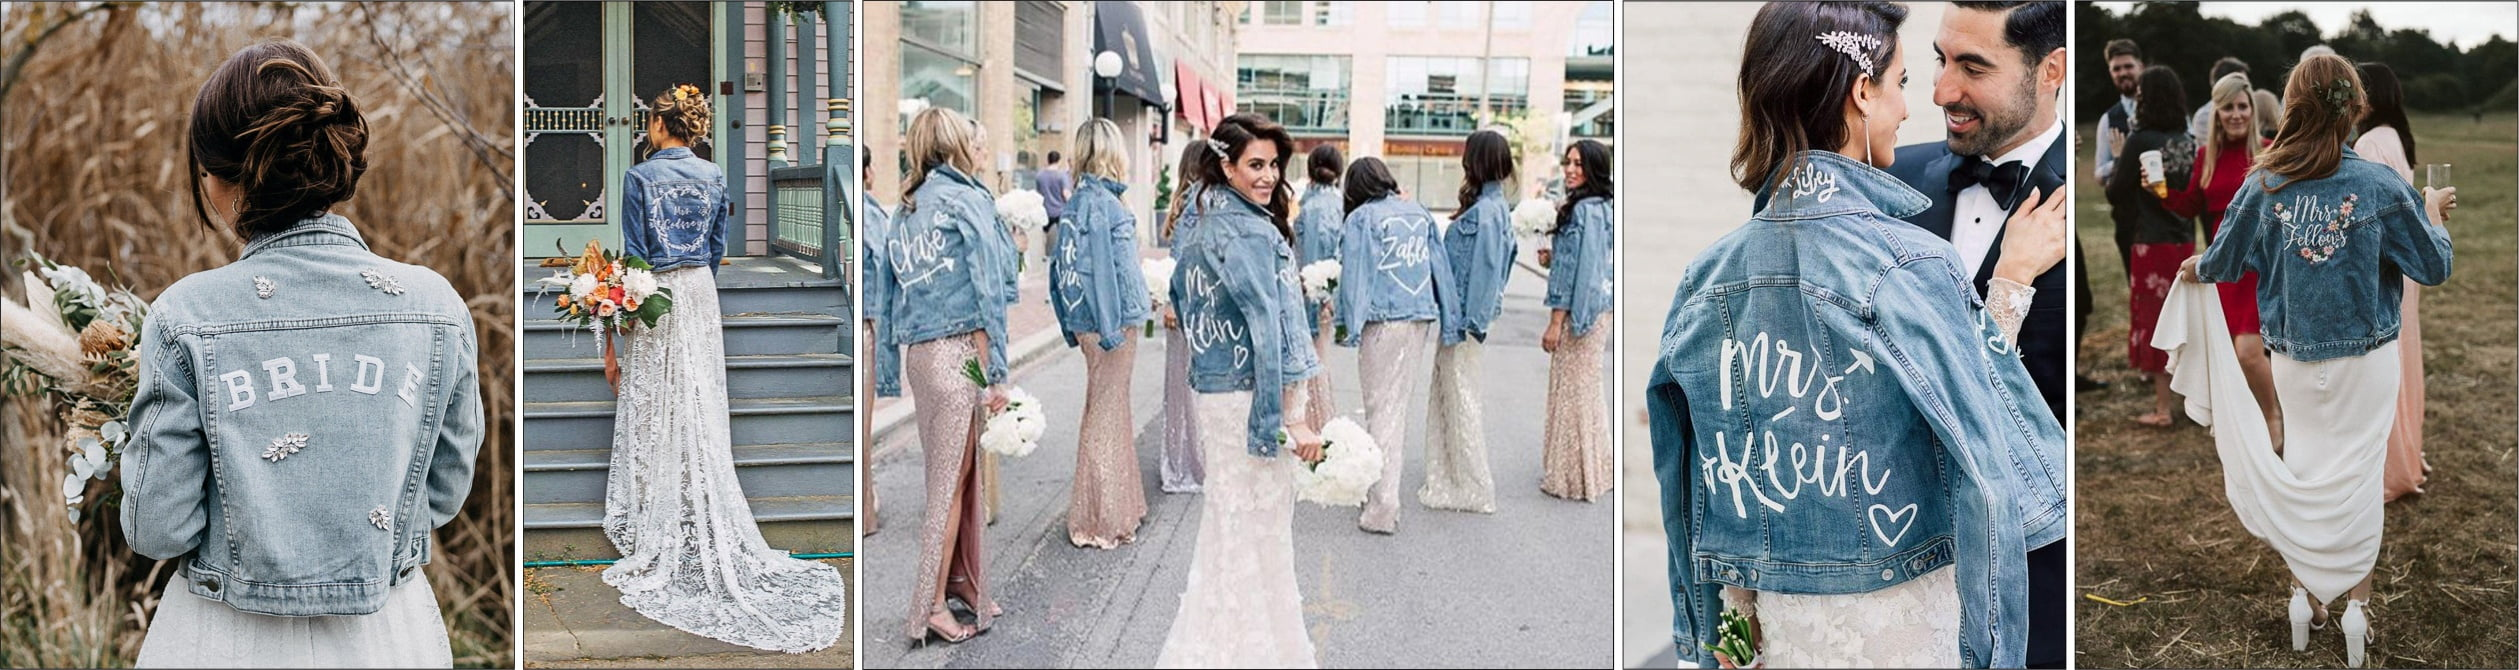 Demin Jean Jackets for weddings